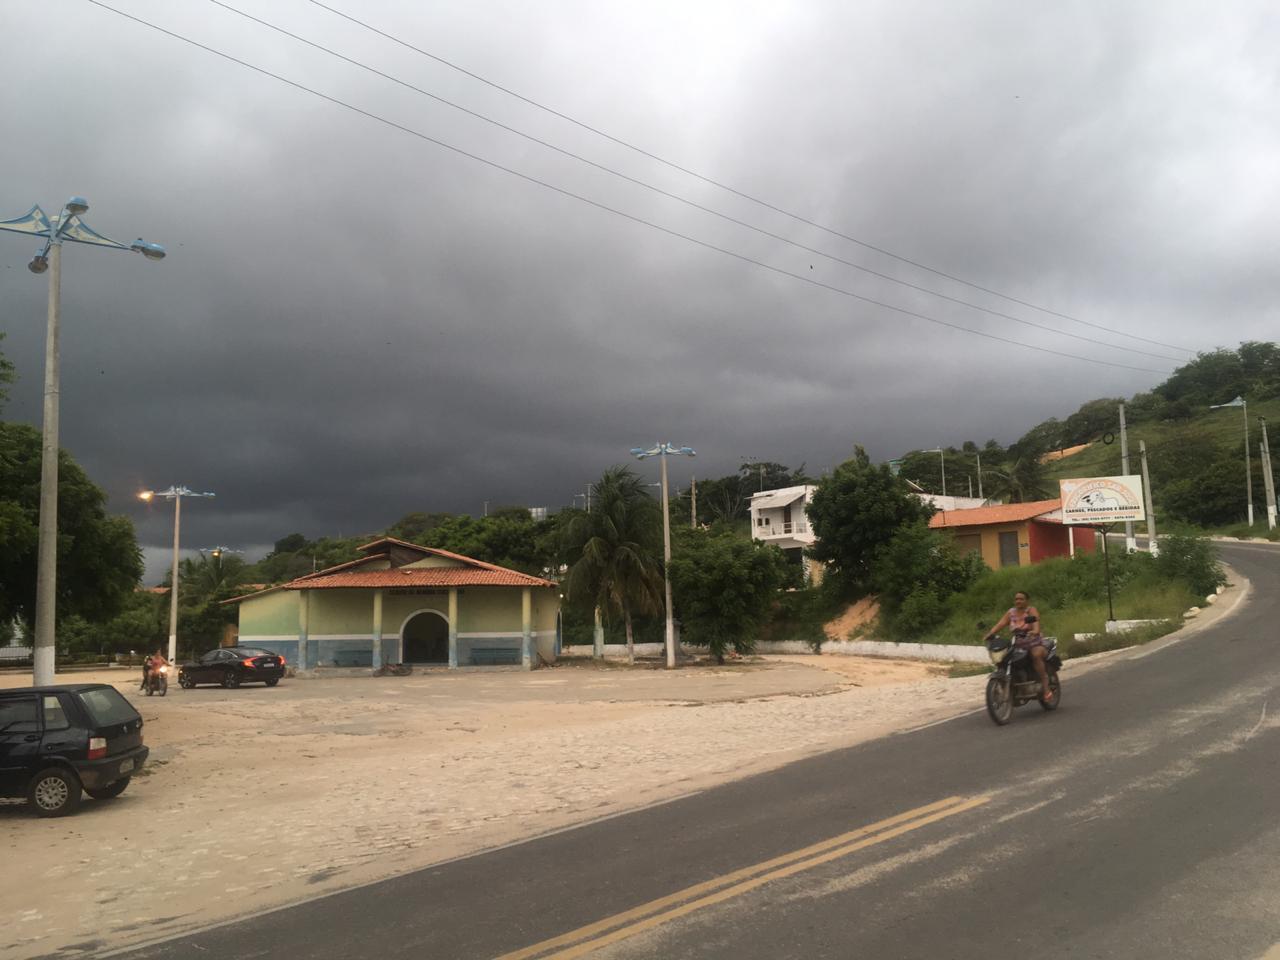 Em Icapuí, o tempo fechou entre o fim da tarde e o começo da noite de ontem (FOTO: Carlos Medeiros)